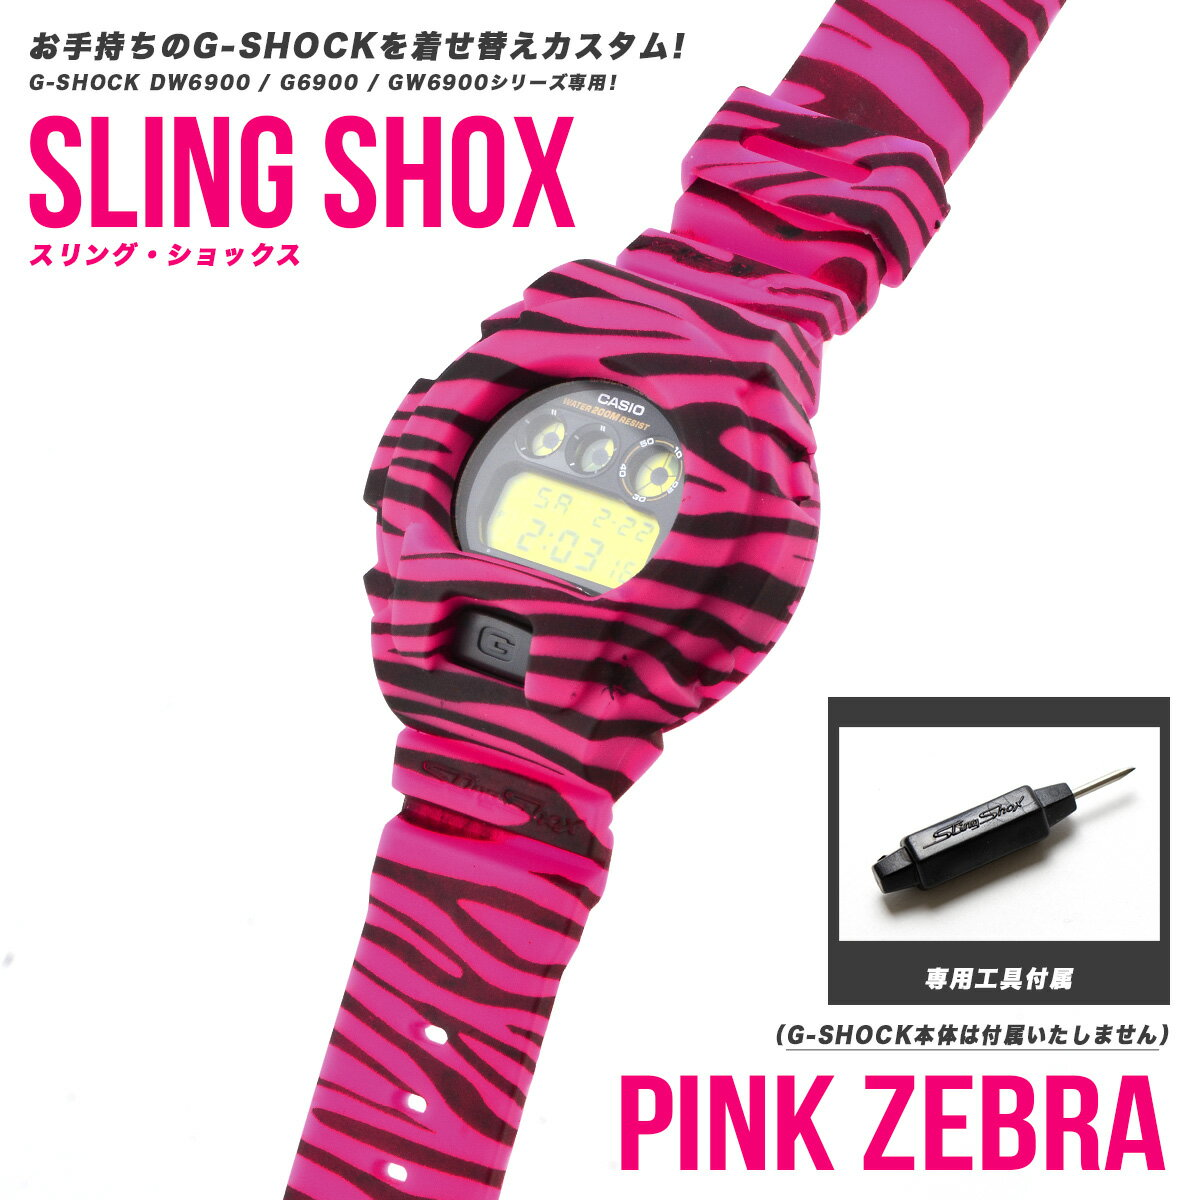 腕時計, メンズ腕時計 G-SHOCK SLING SHOX G-shock DW6900 DW-6900 G6900 G-6900 GW6900 GW-6900 gshock g G